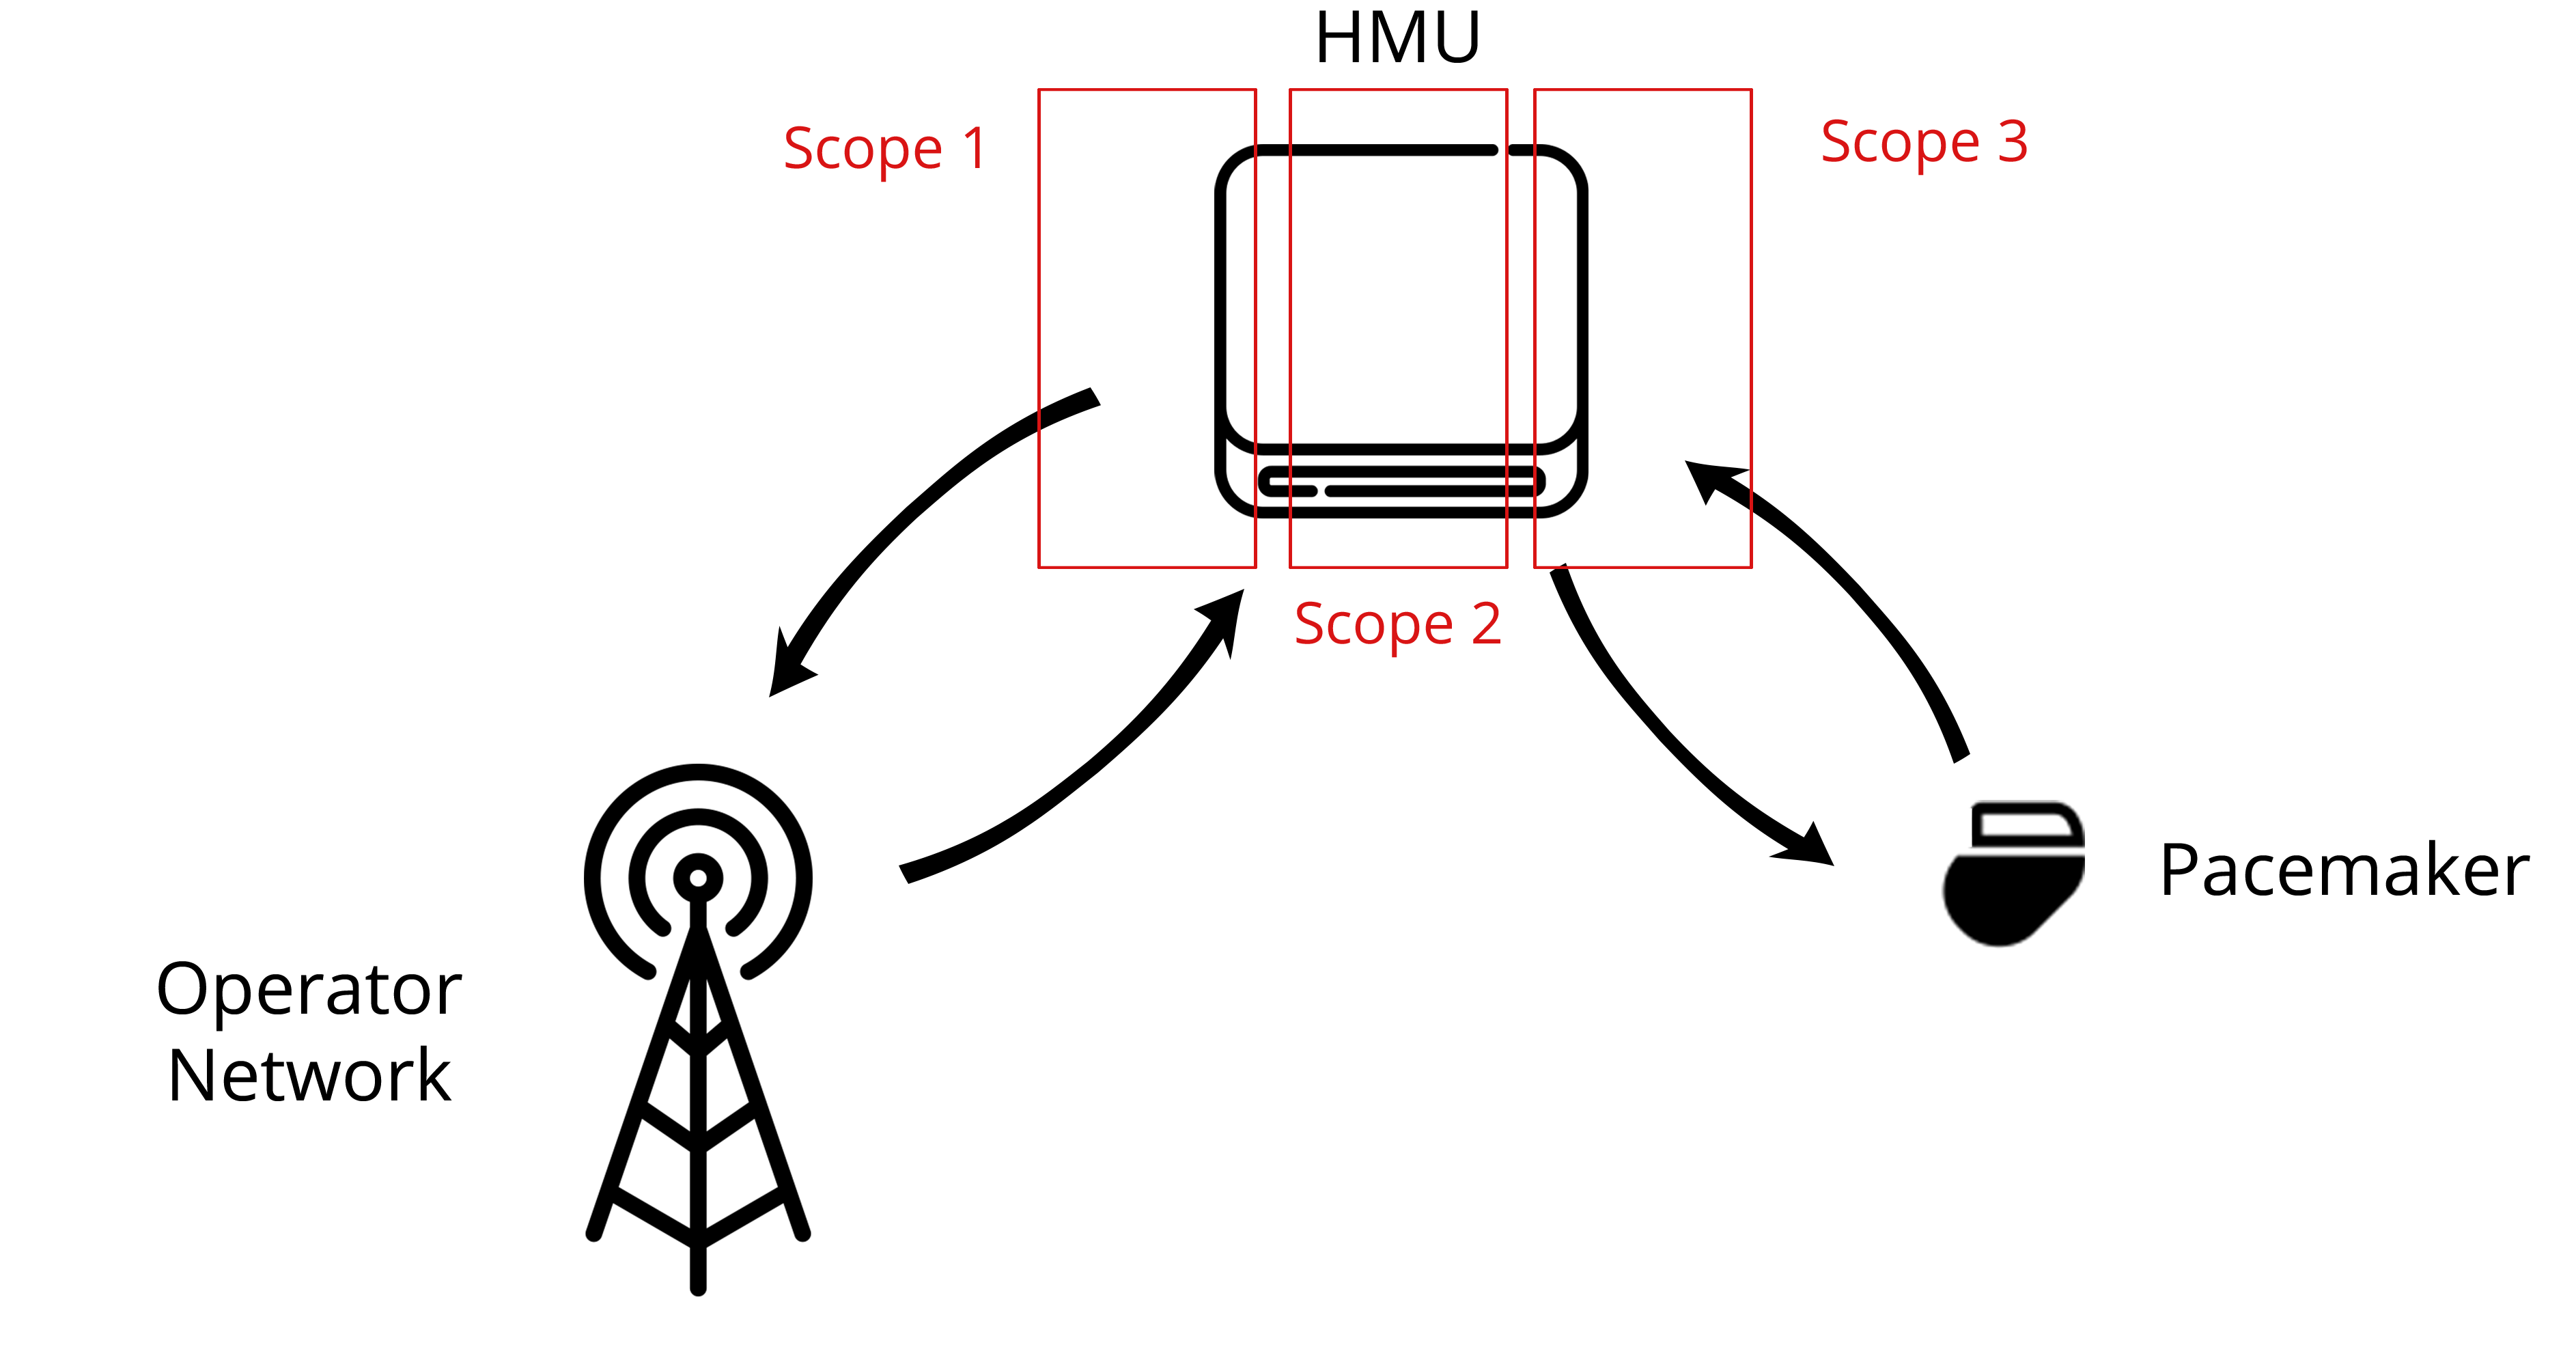 Figure 3: Scopes around the HMU